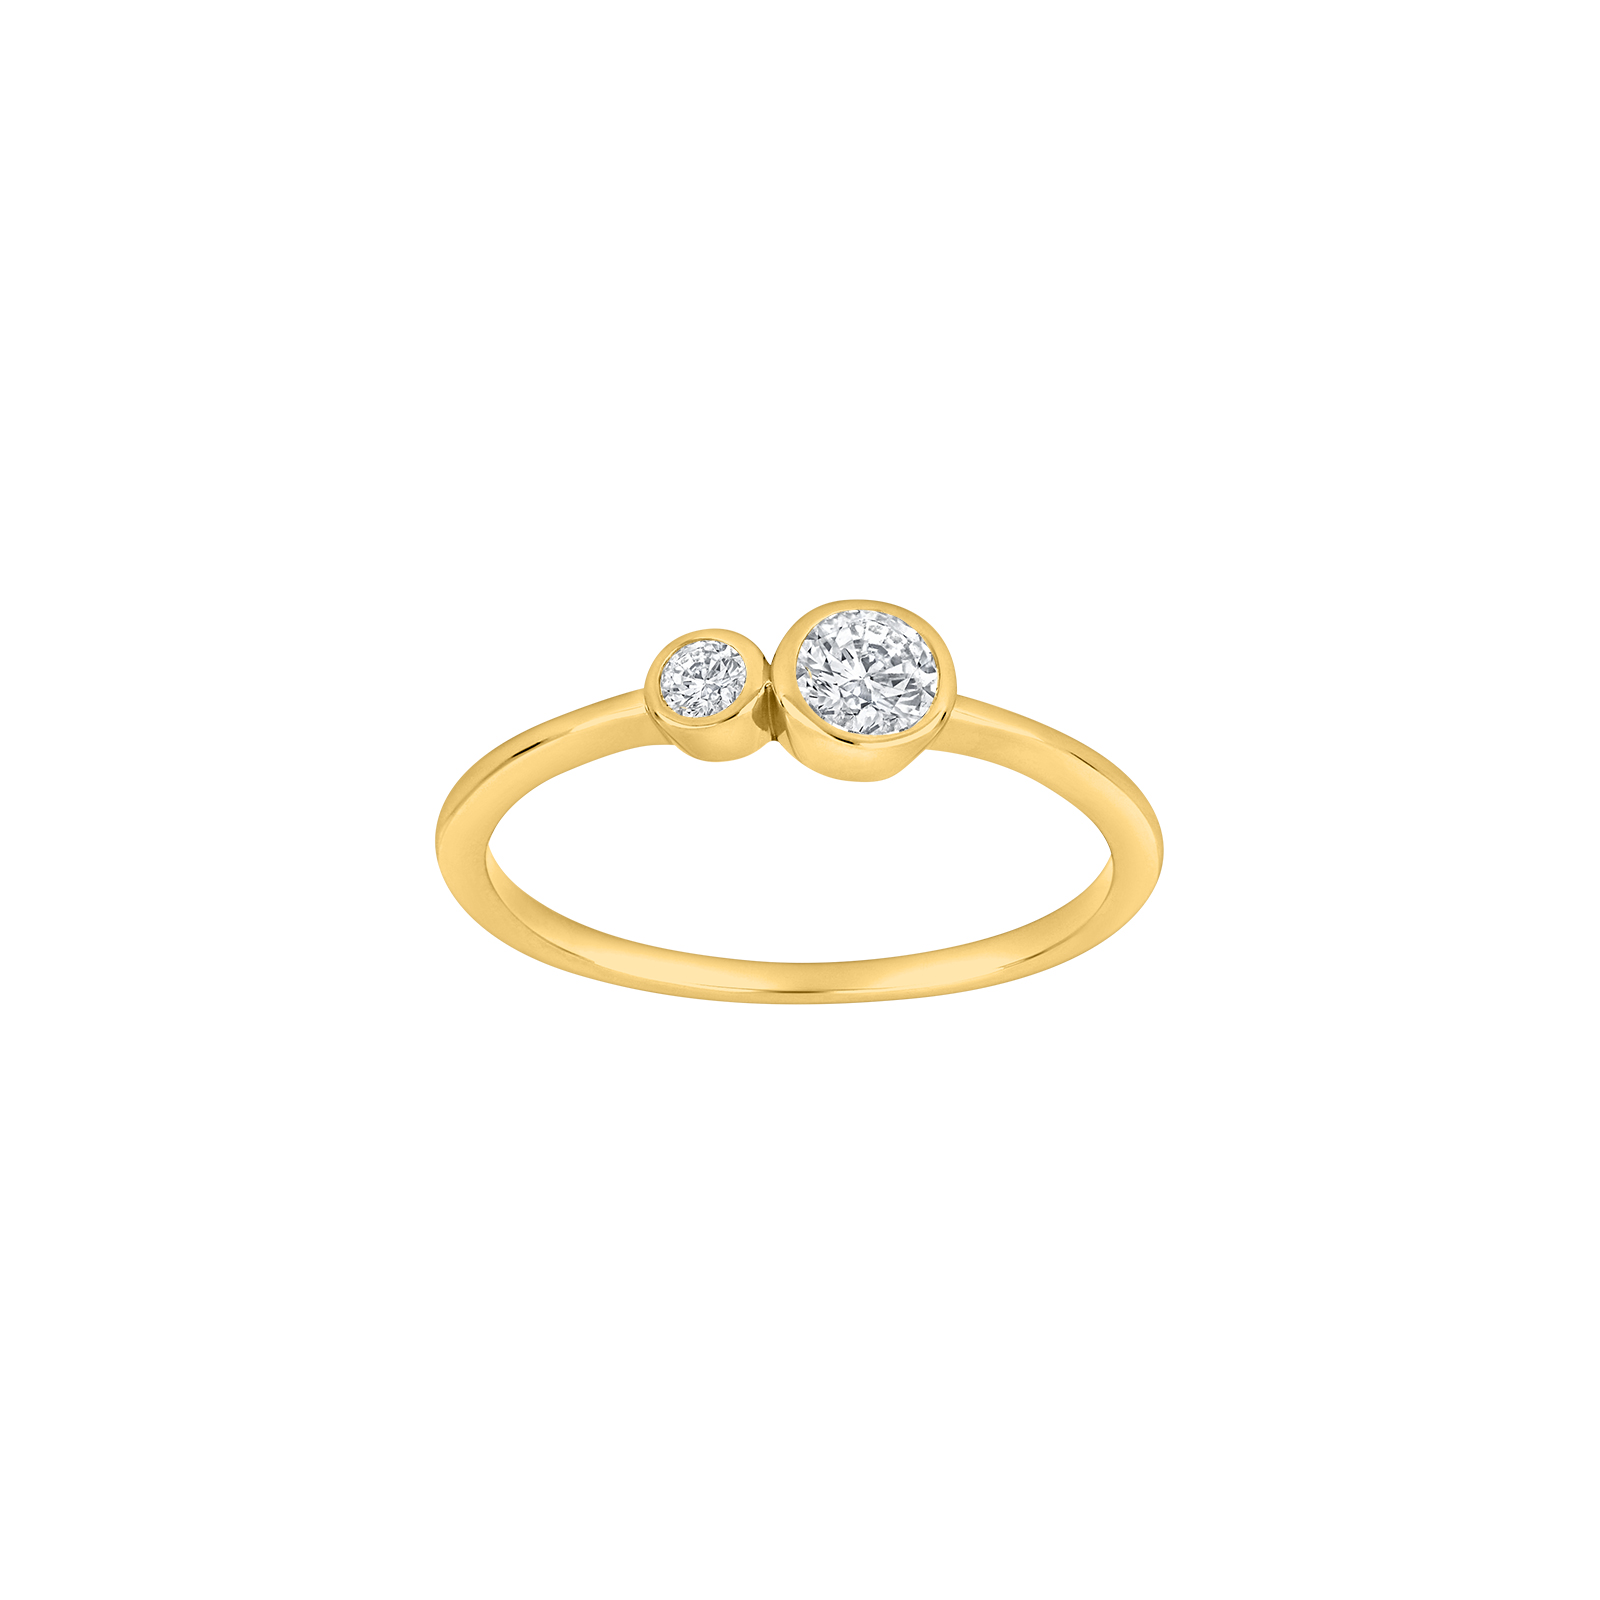 Forgyldt sølv ring med zirkoner IdaNor fra Joanli Nor